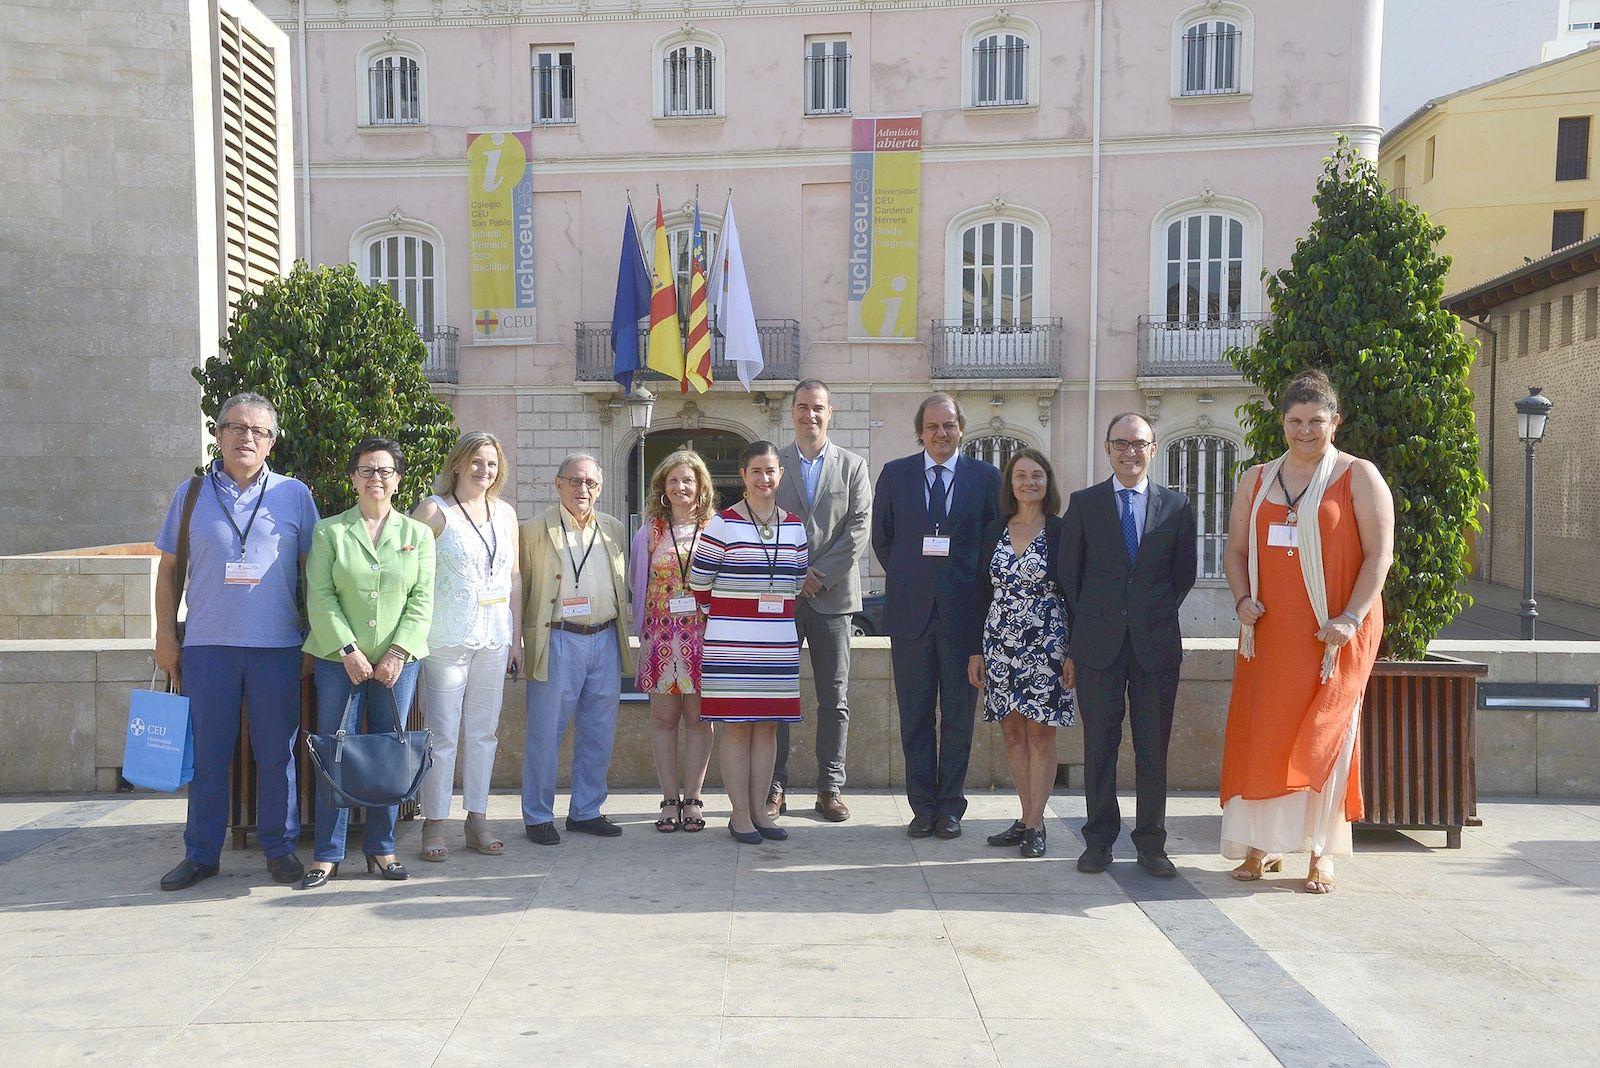 El comité científico de la Pre-conference de la IAMCR celebrada hoy en Valencia.